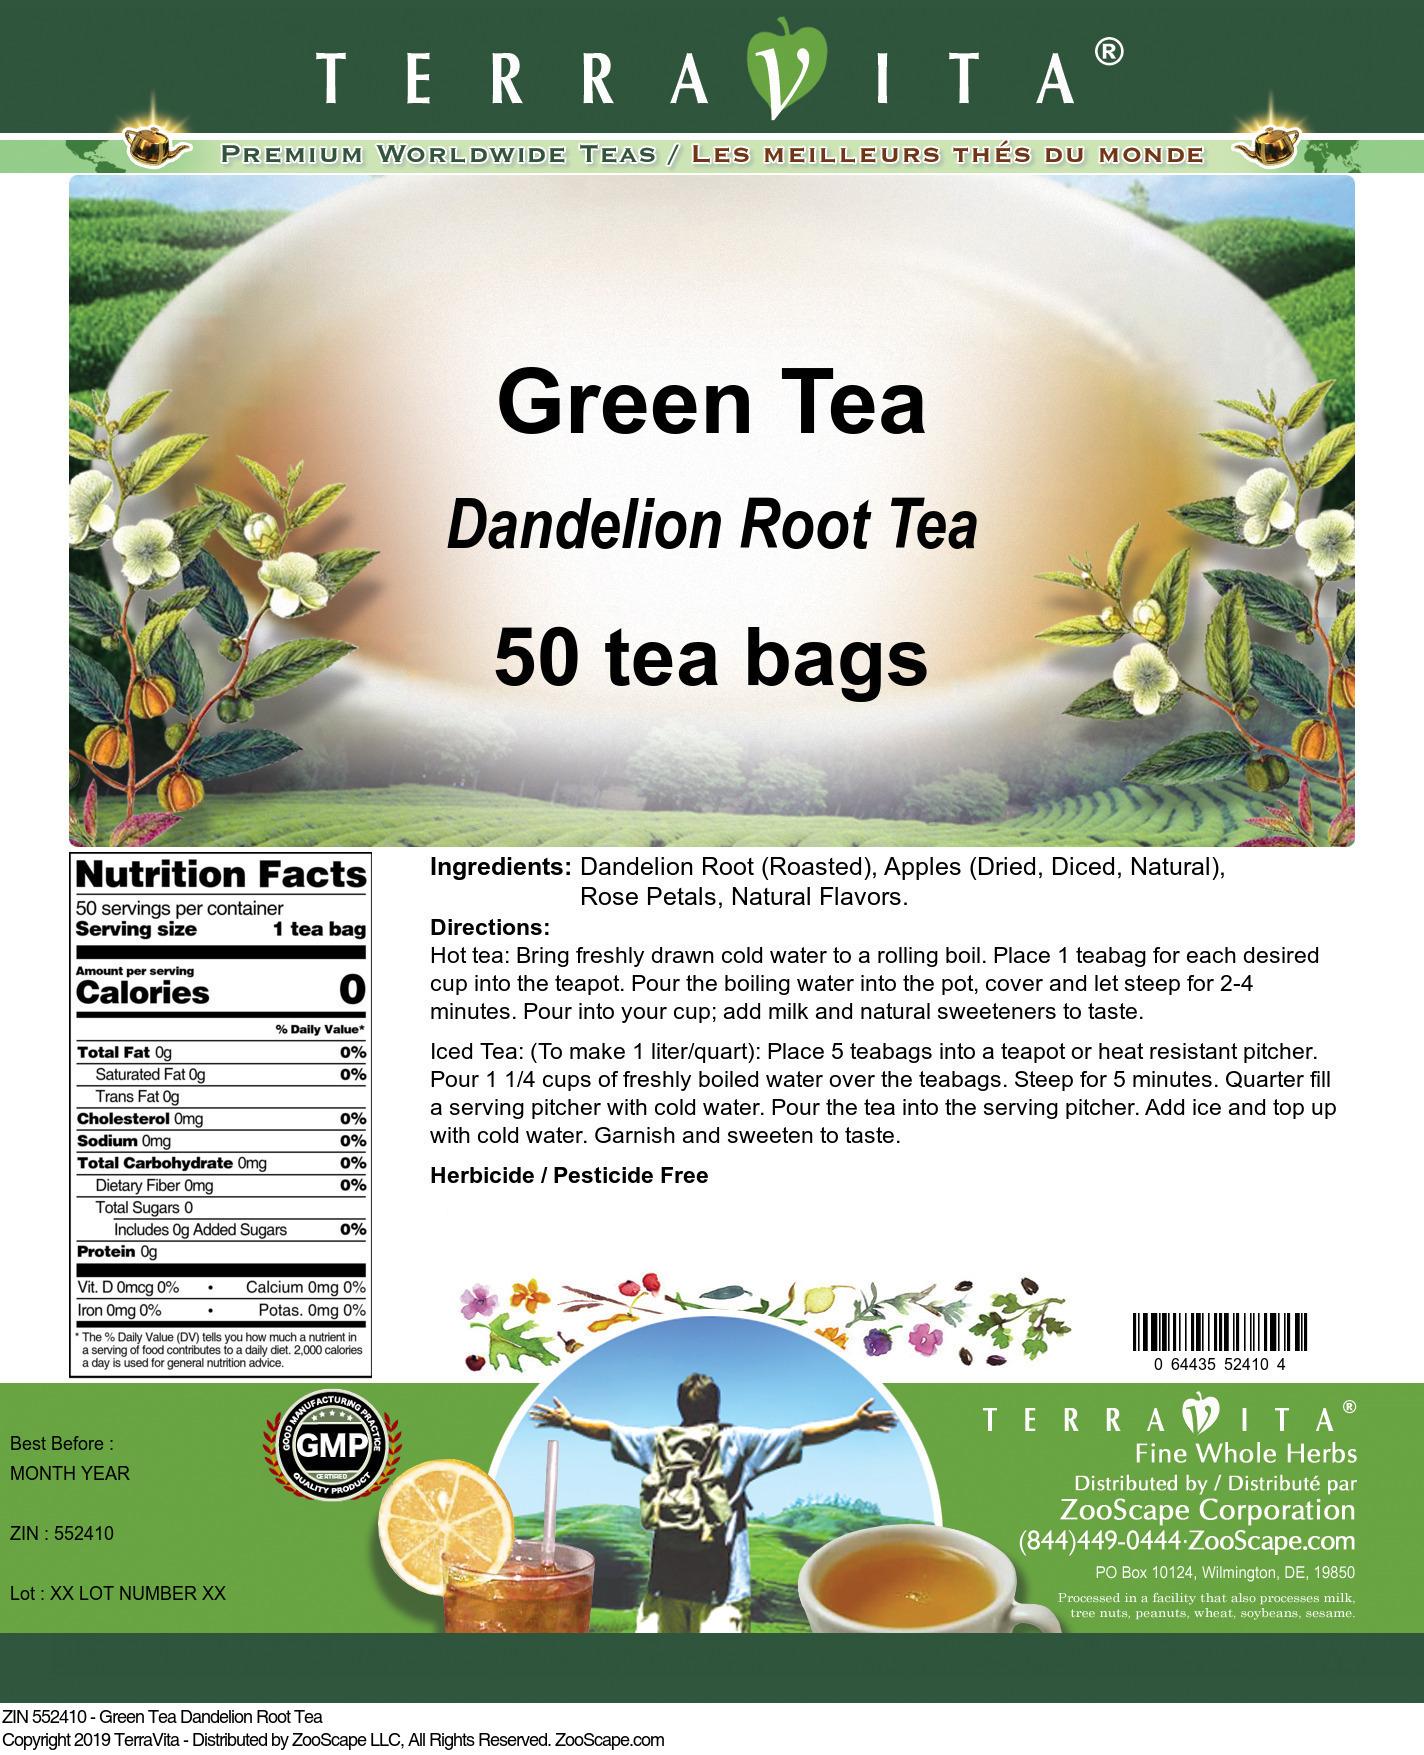 Green Tea Dandelion Root Tea